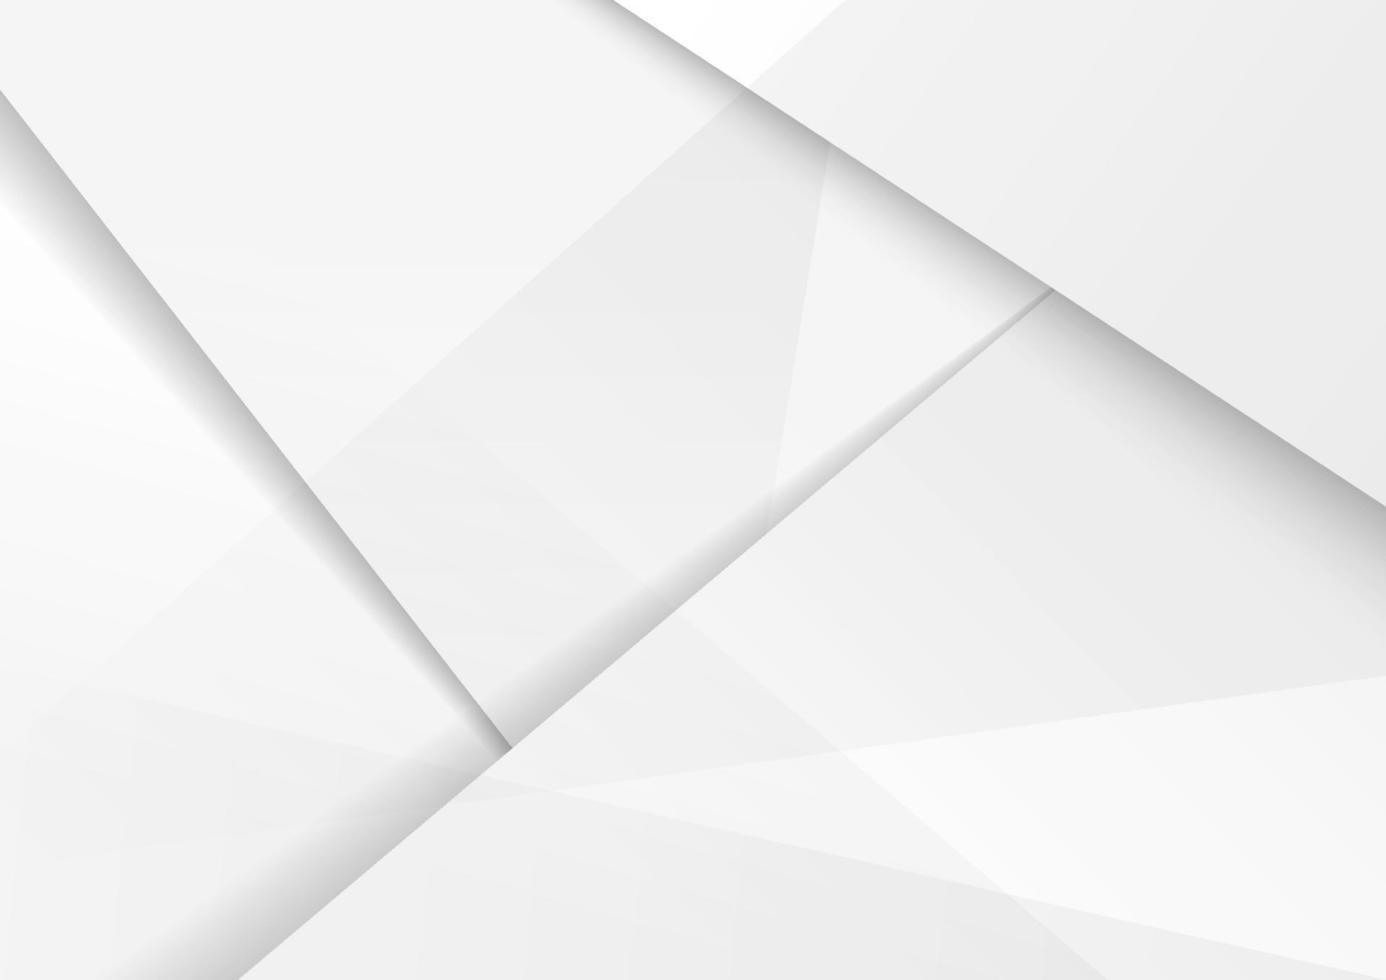 abstract modern ontwerp als achtergrond wit en grijs hi-tech veelhoekig bedrijf met schaduw. vector